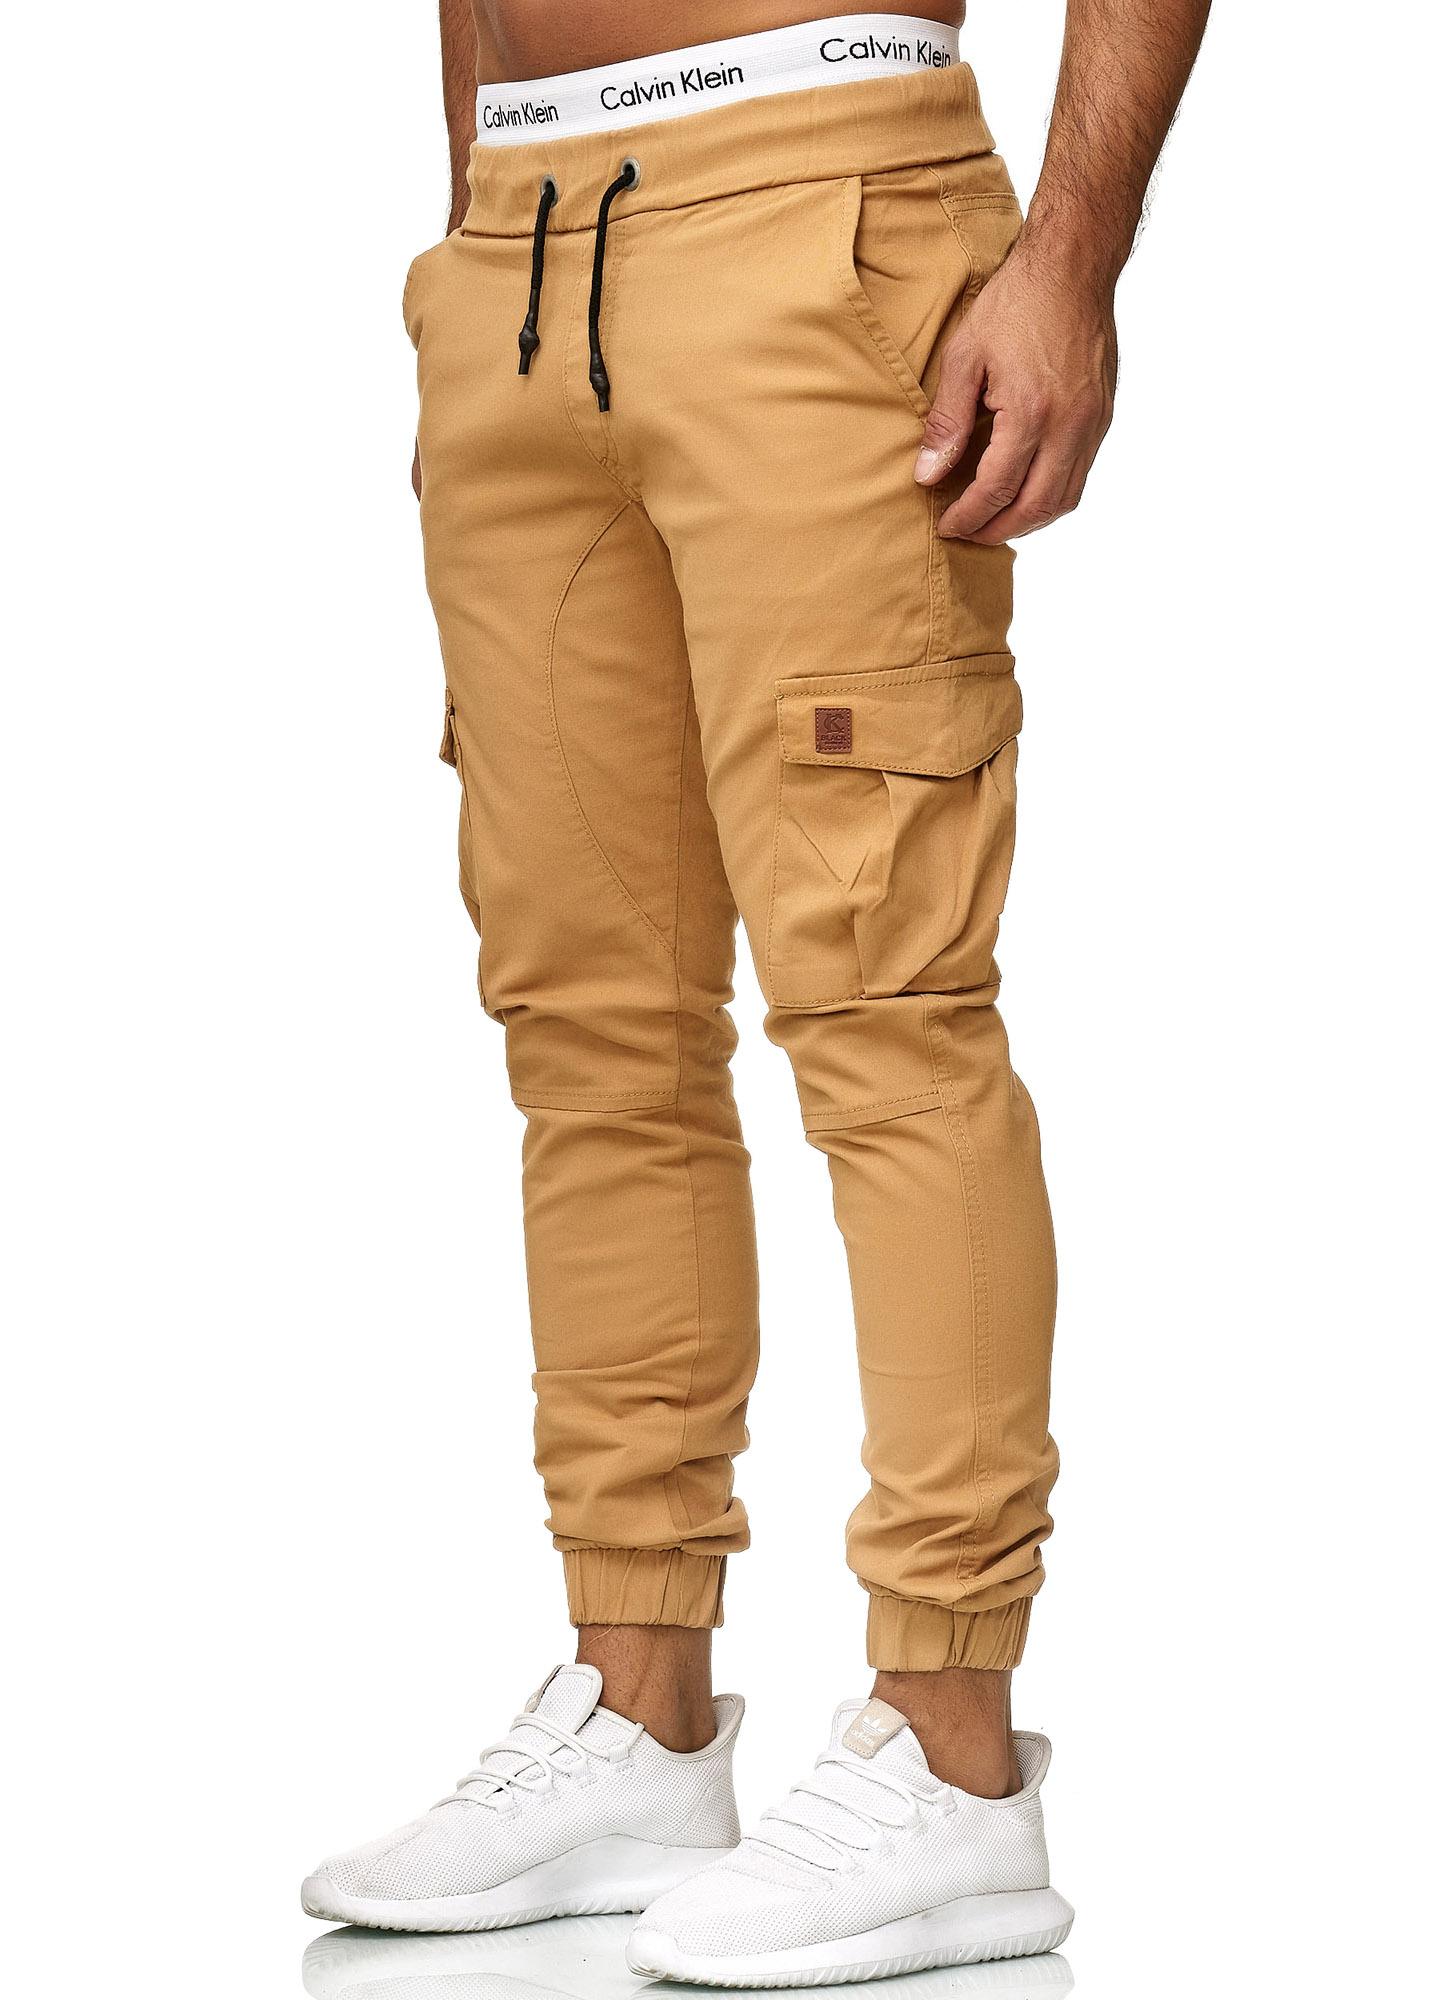 Details zu Herren Chino Hose Jeans Designer Chinohose Slim Fit Männer Skinny 3301CS